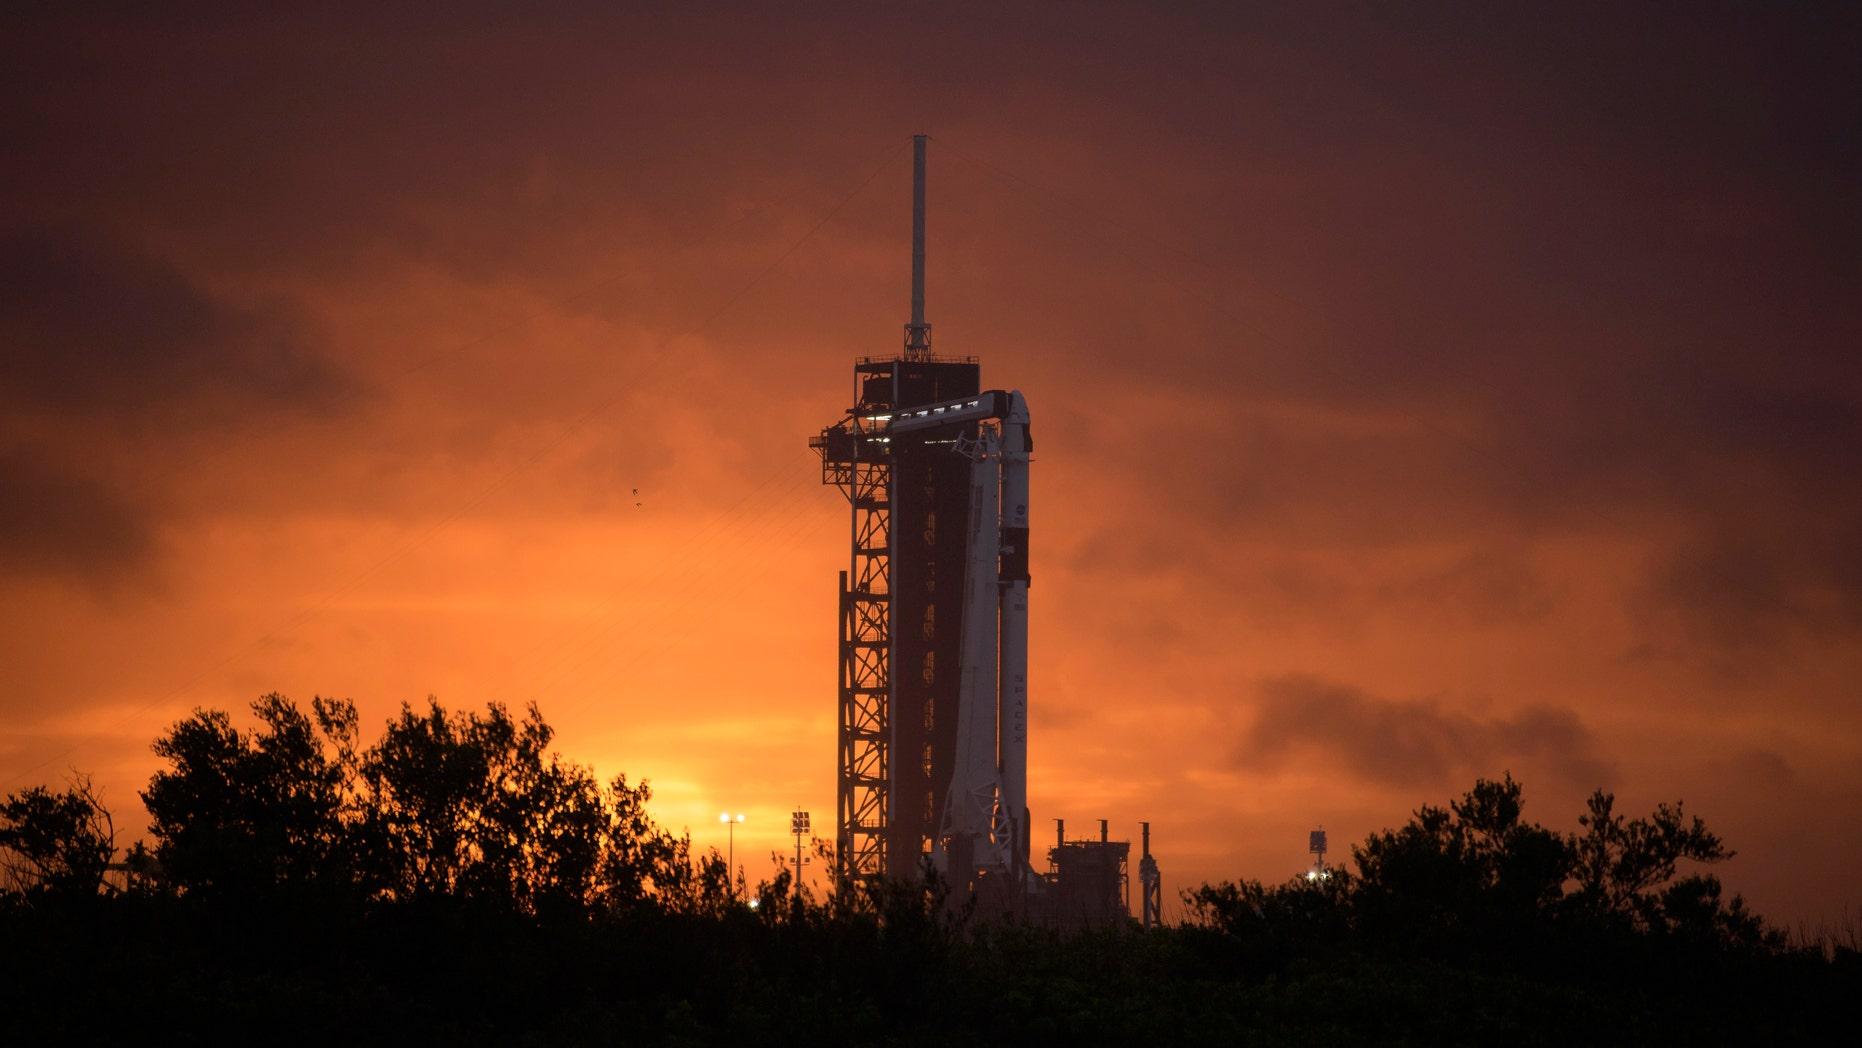 https://a57.foxnews.com/static.foxnews.com/foxnews.com/content/uploads/2020/05/1862/1048/NASASpaceXDemo2.jpg